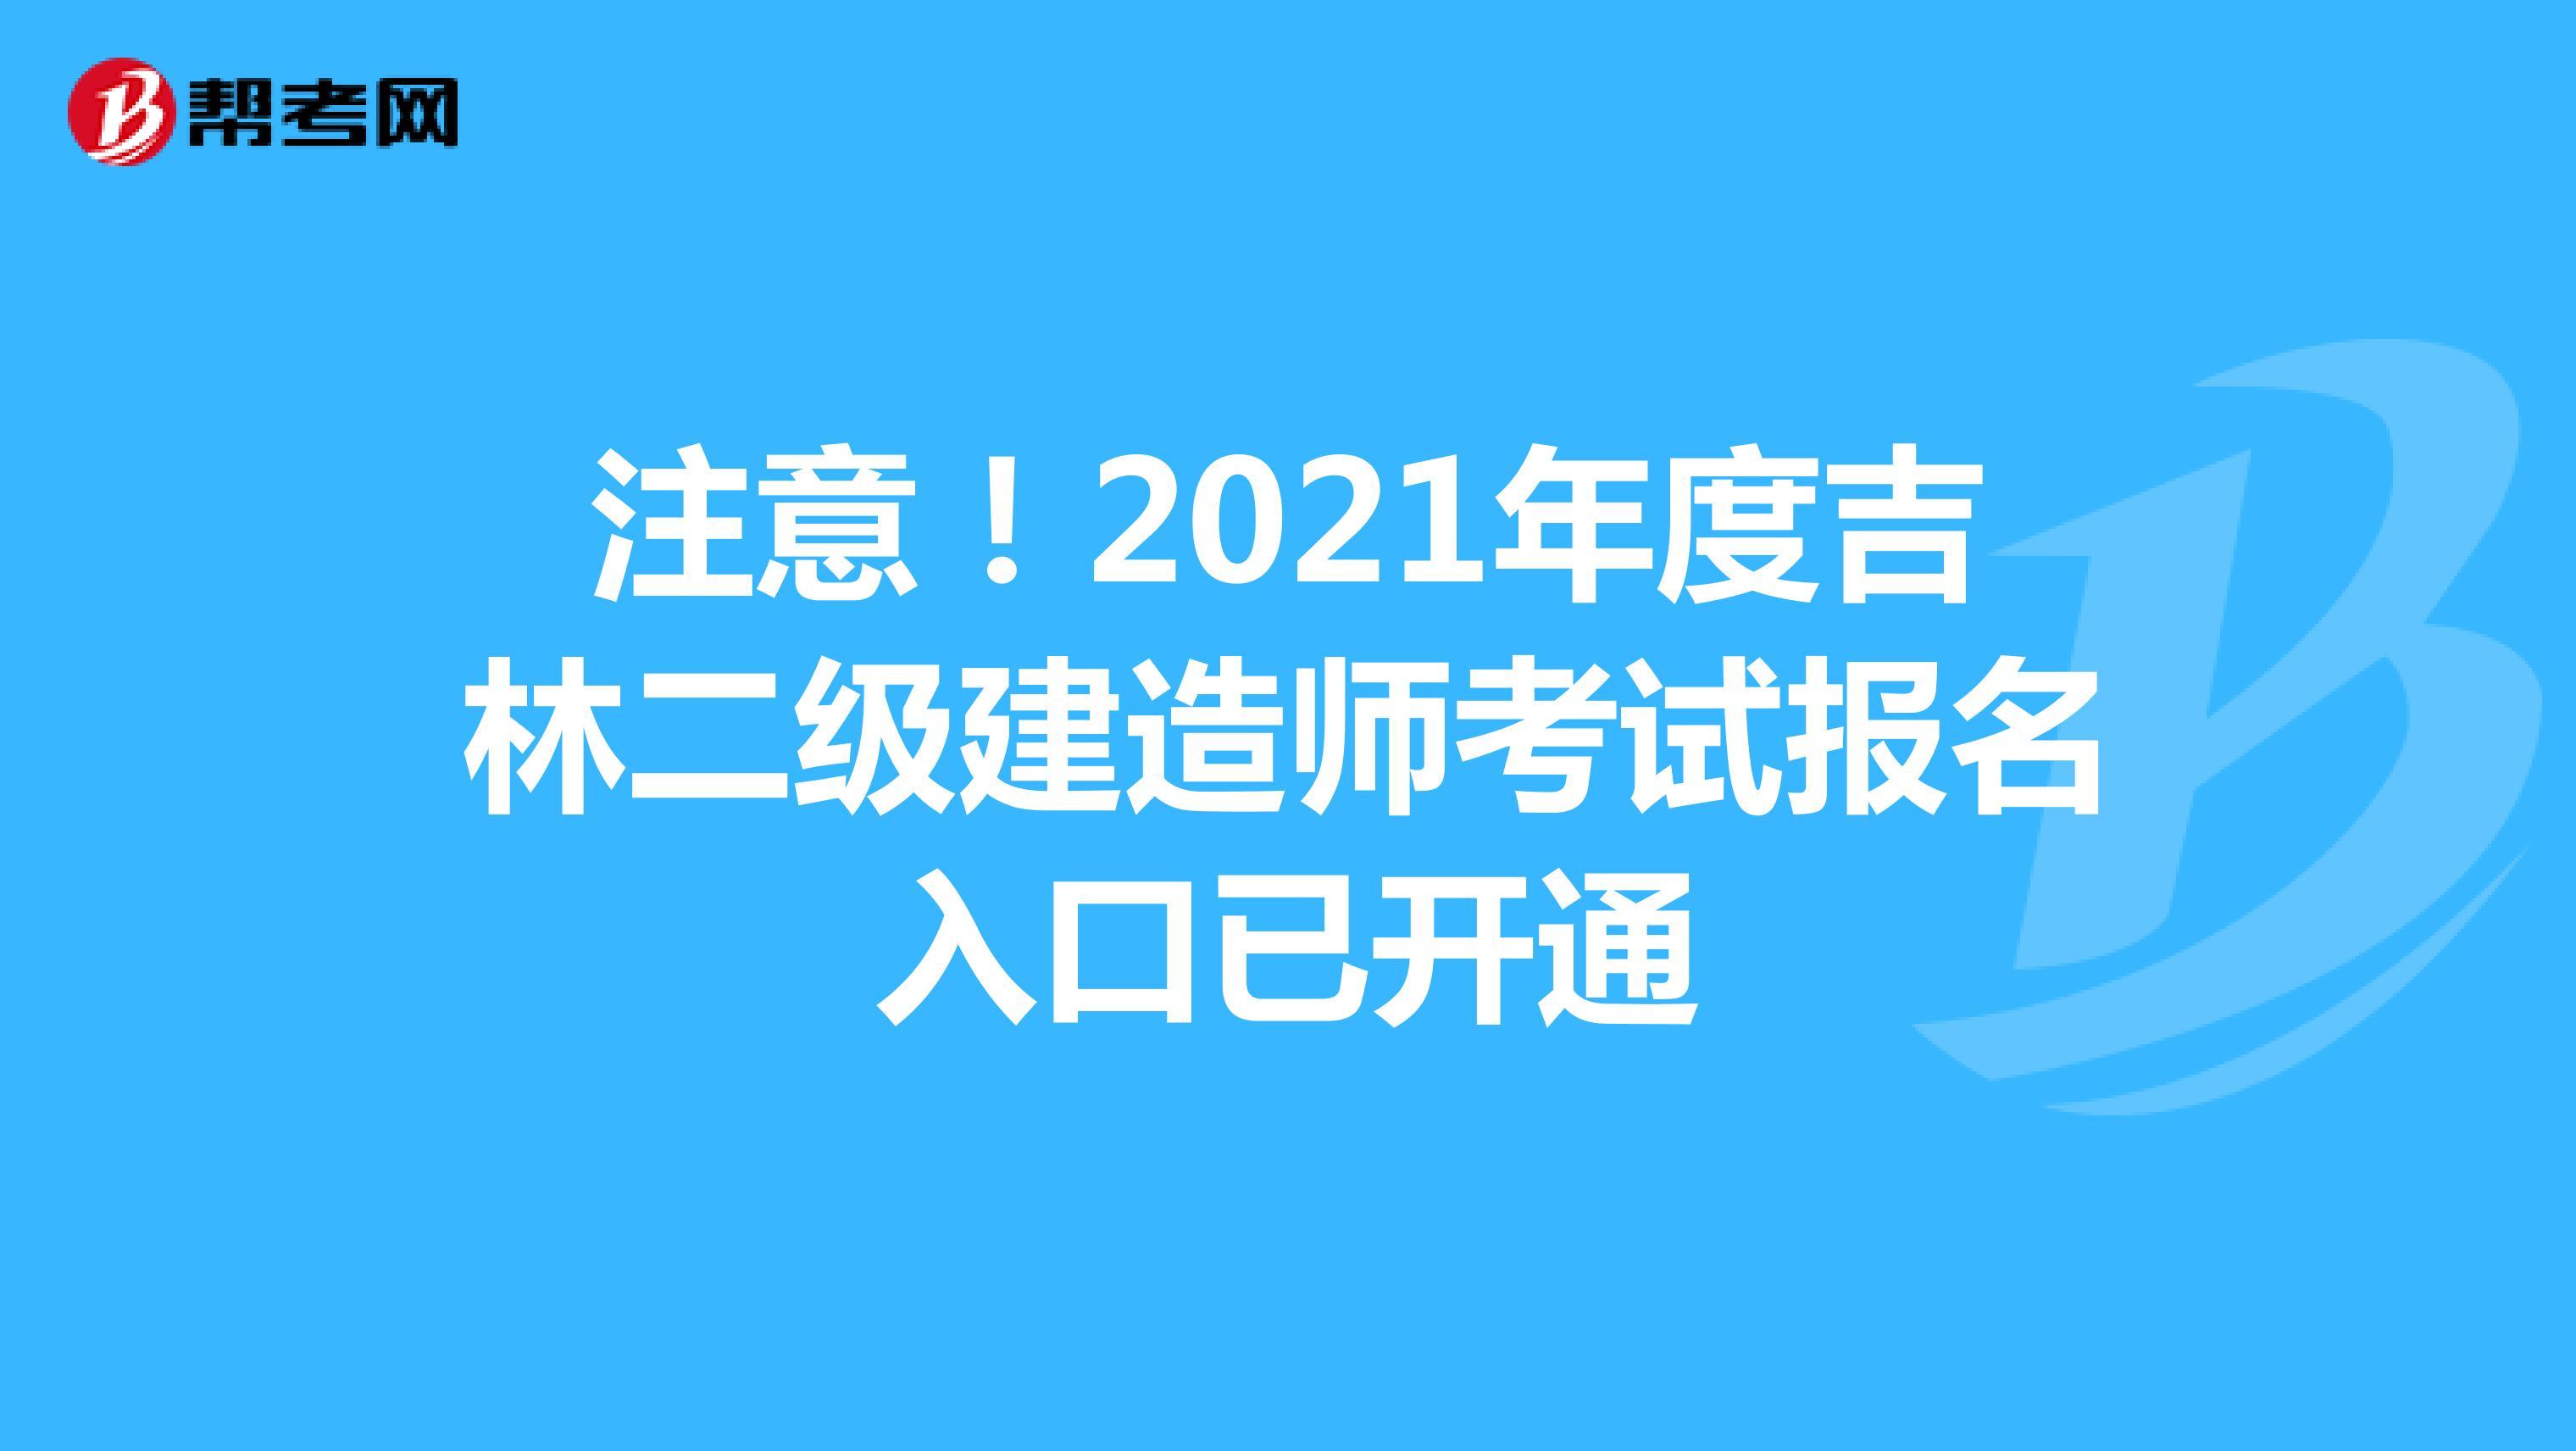 注意!2021年度吉林二級建造師考試報名入口已開通